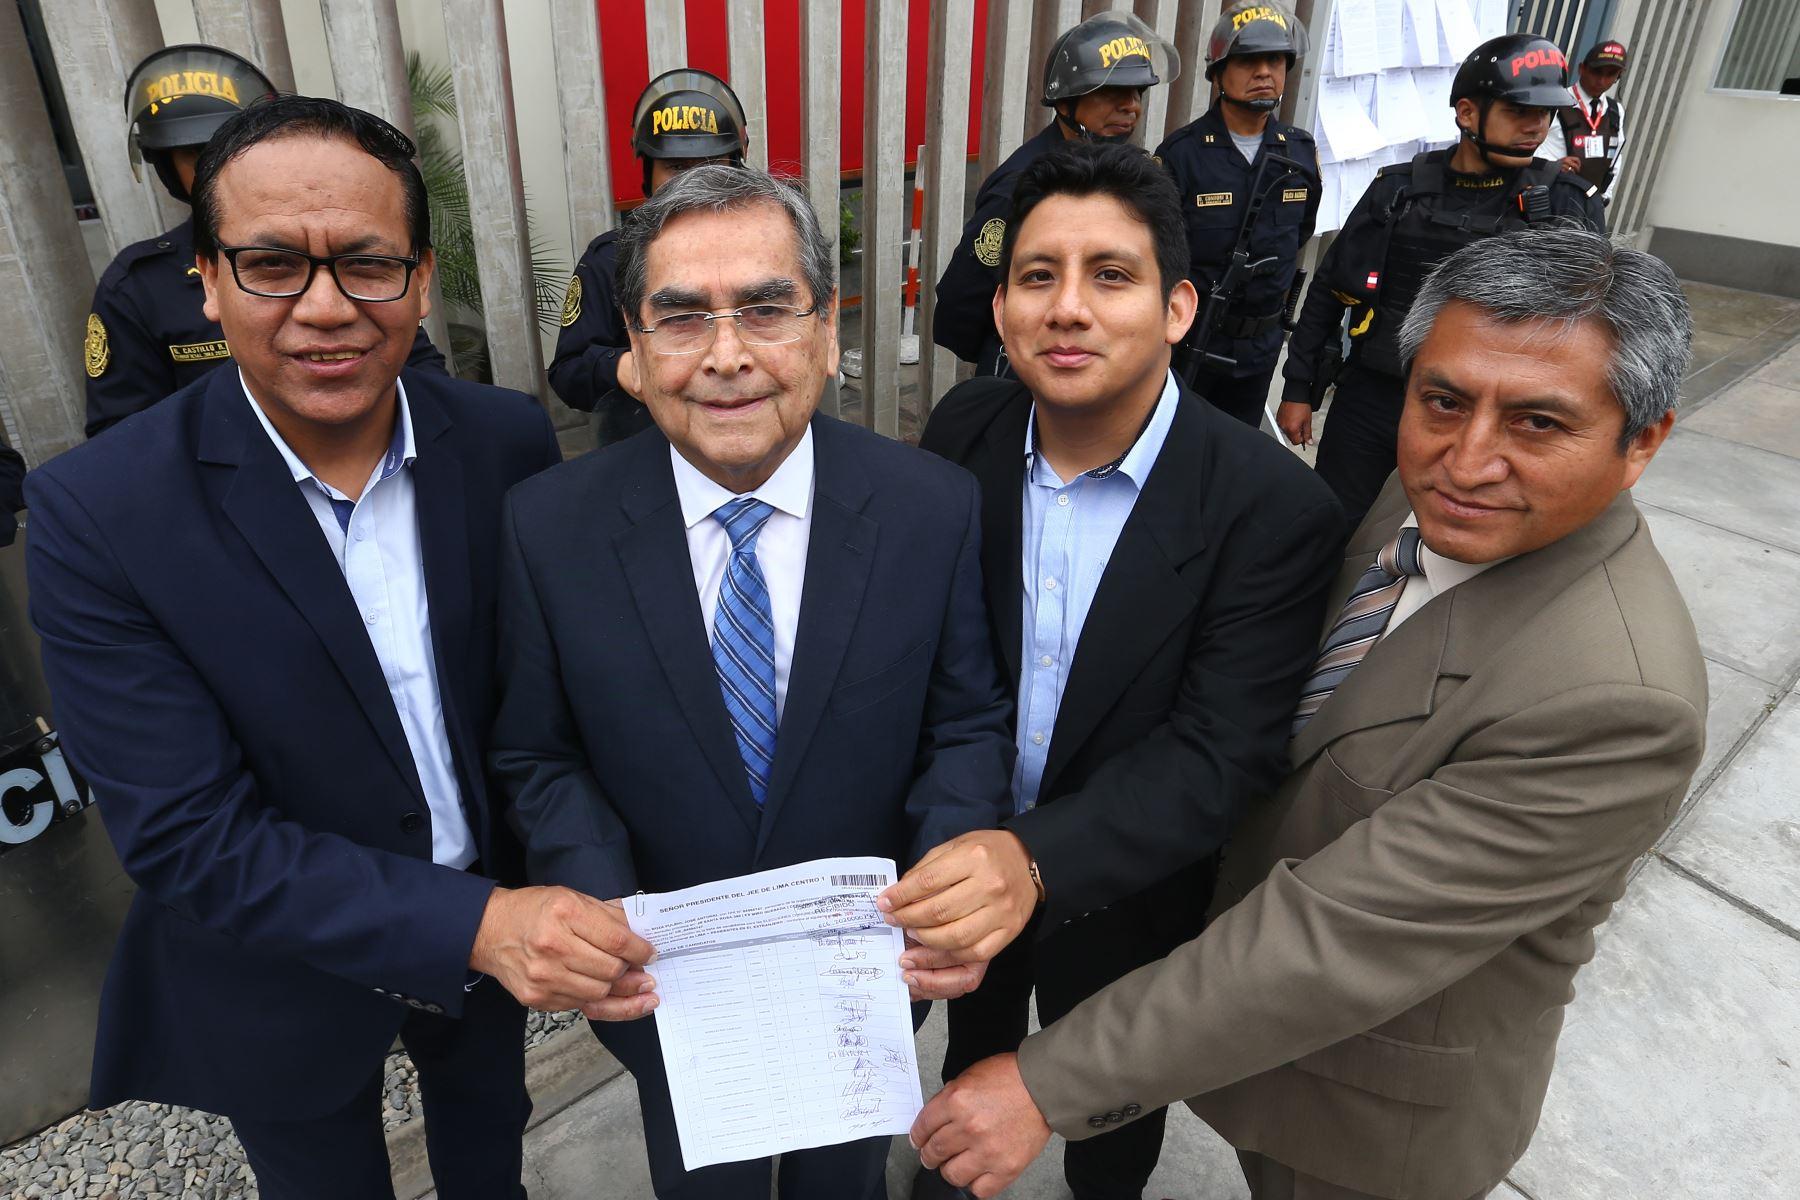 Oscar Ugarteche de la agrupación política Juntos por el Perú inscribió su lista de candidatos al Congreso para las próximas elecciones de enero del 2020 . Foto: Héctor Vinces